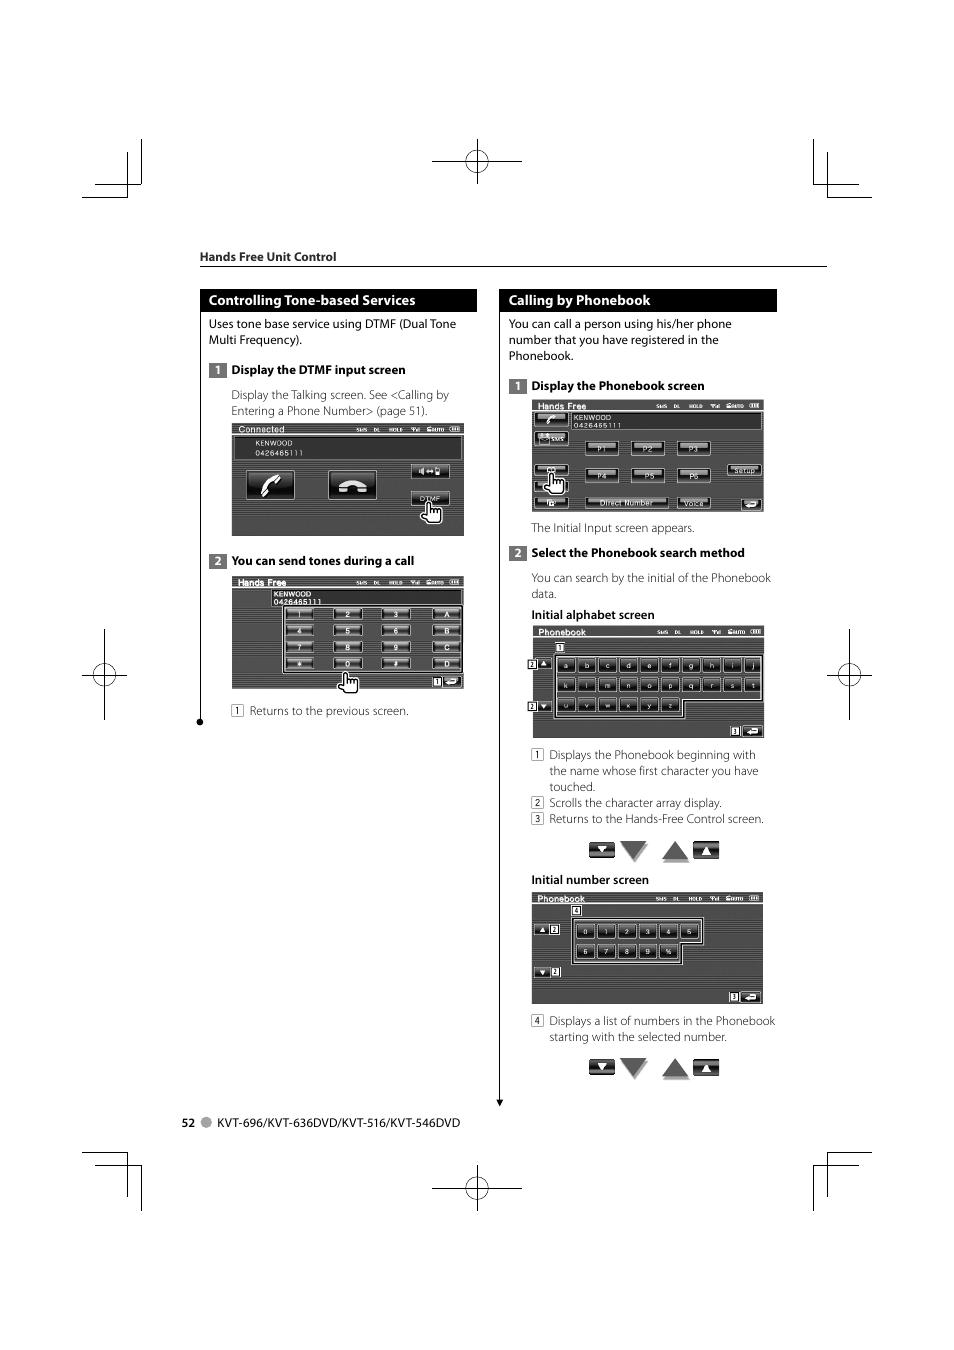 Manual Kenwood Kvt 516 Espaol Wiring Diagram 696 User Page 52 100